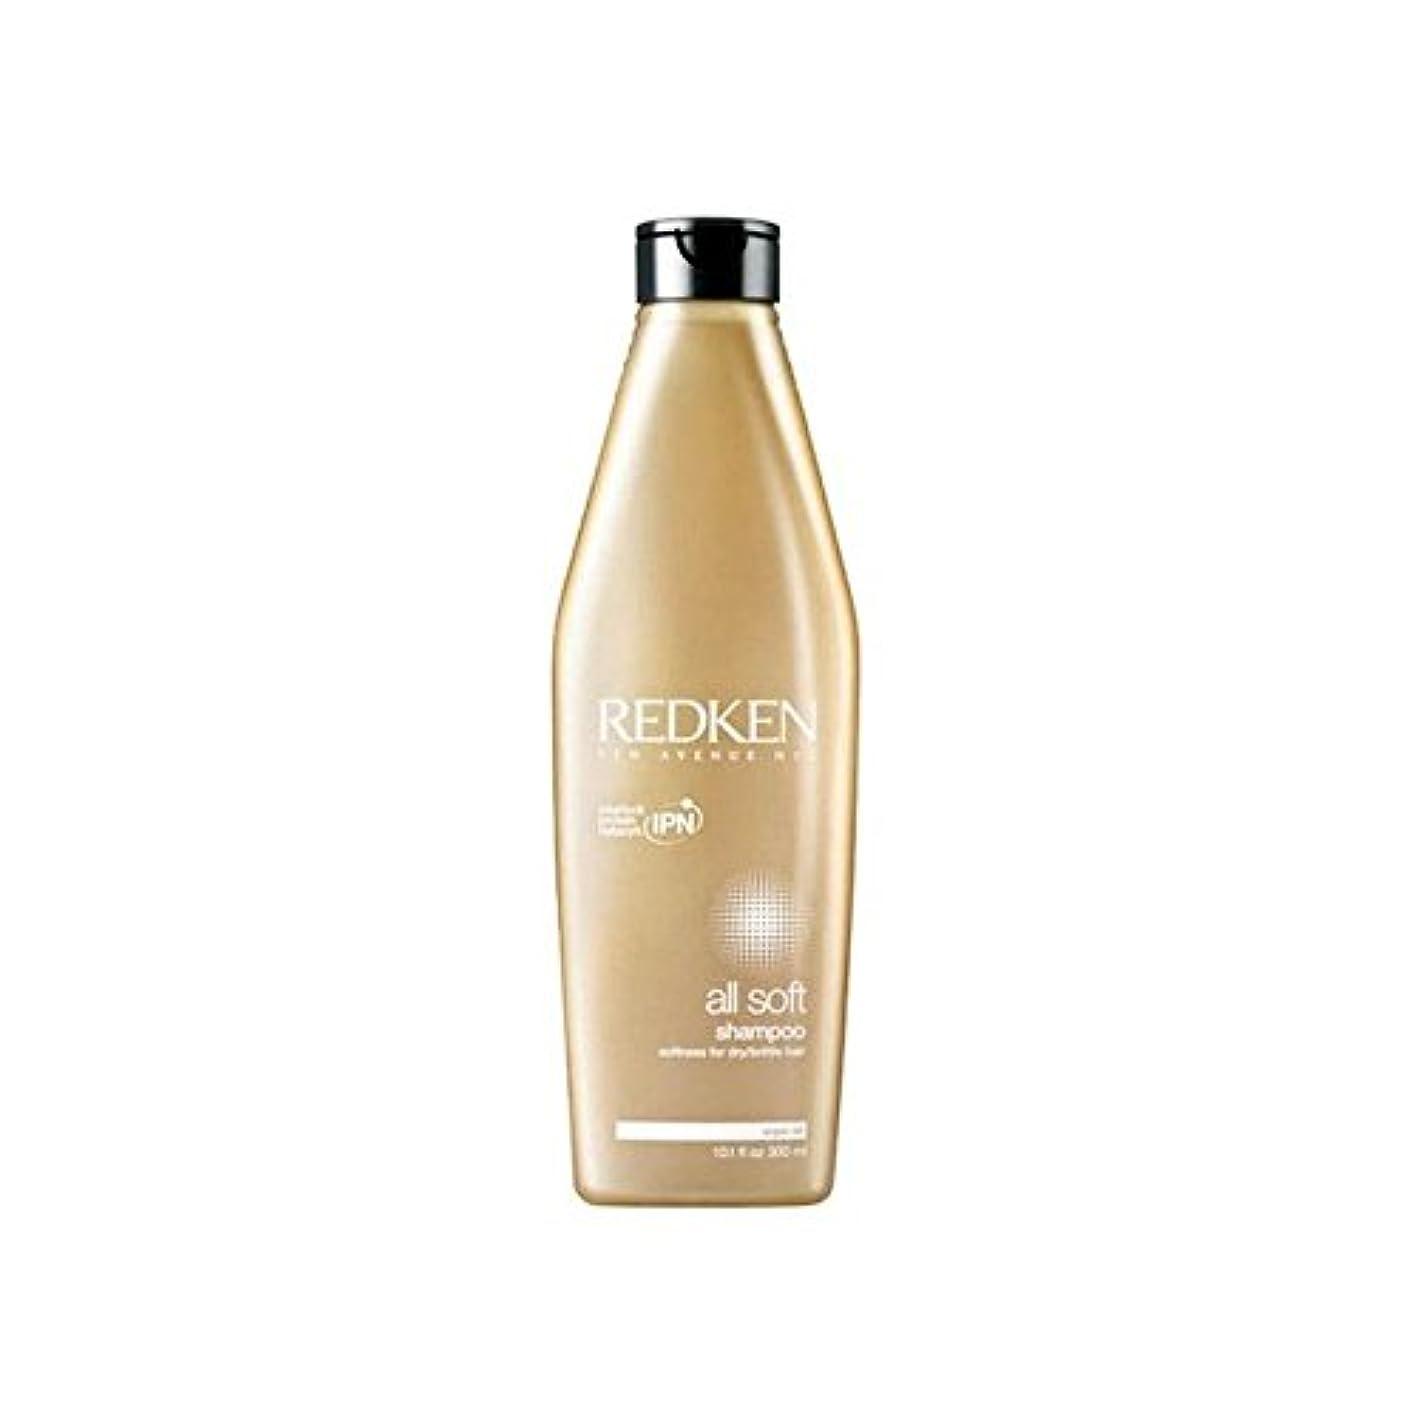 ビット精神医学恐れるレッドケンすべてのソフトシャンプー(300ミリリットル) x4 - Redken All Soft Shampoo (300ml) (Pack of 4) [並行輸入品]